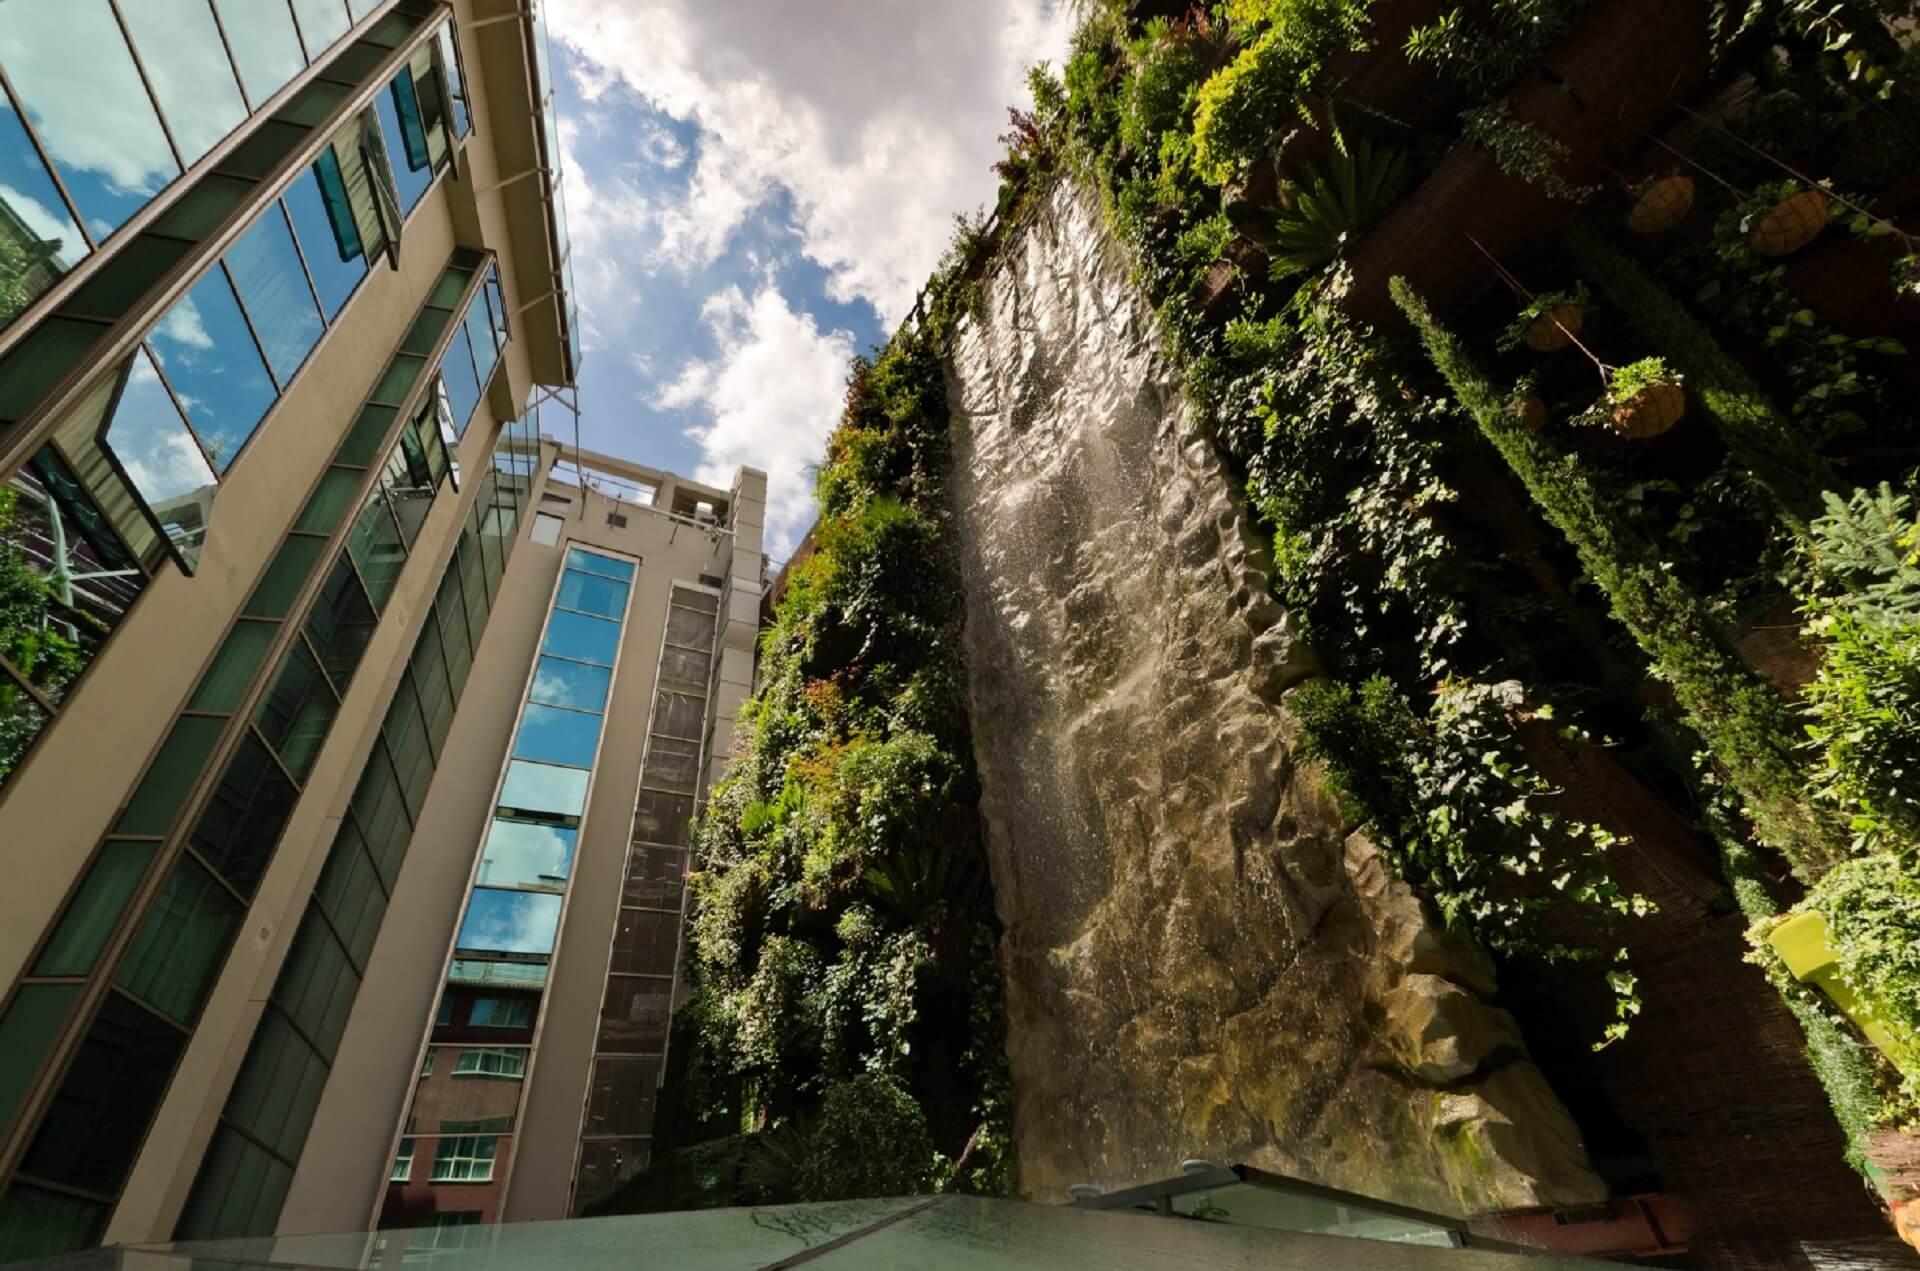 Pareti Verdi Verticali Costi giardini verticali: idee, costi, consigli per fare un